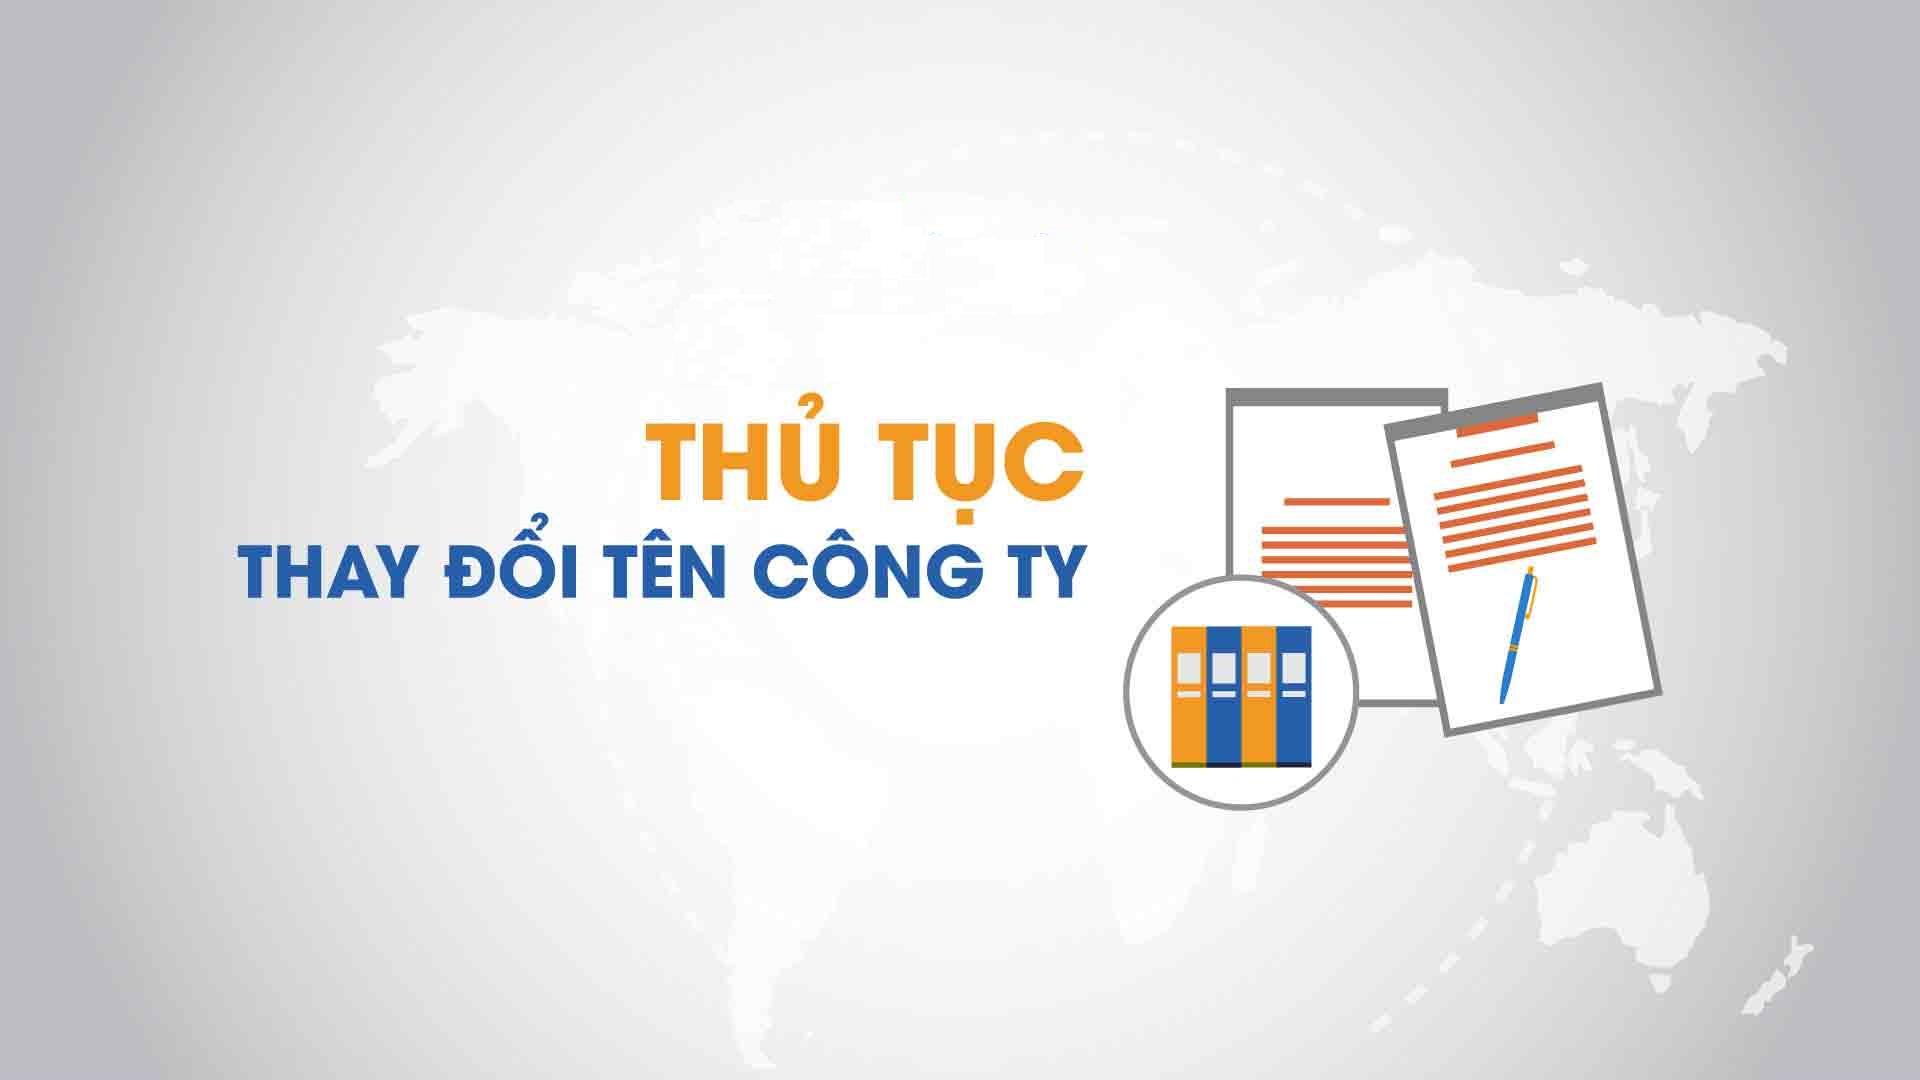 Dịch vụ tư vấn thay đổi tên công ty tại Bình Phước